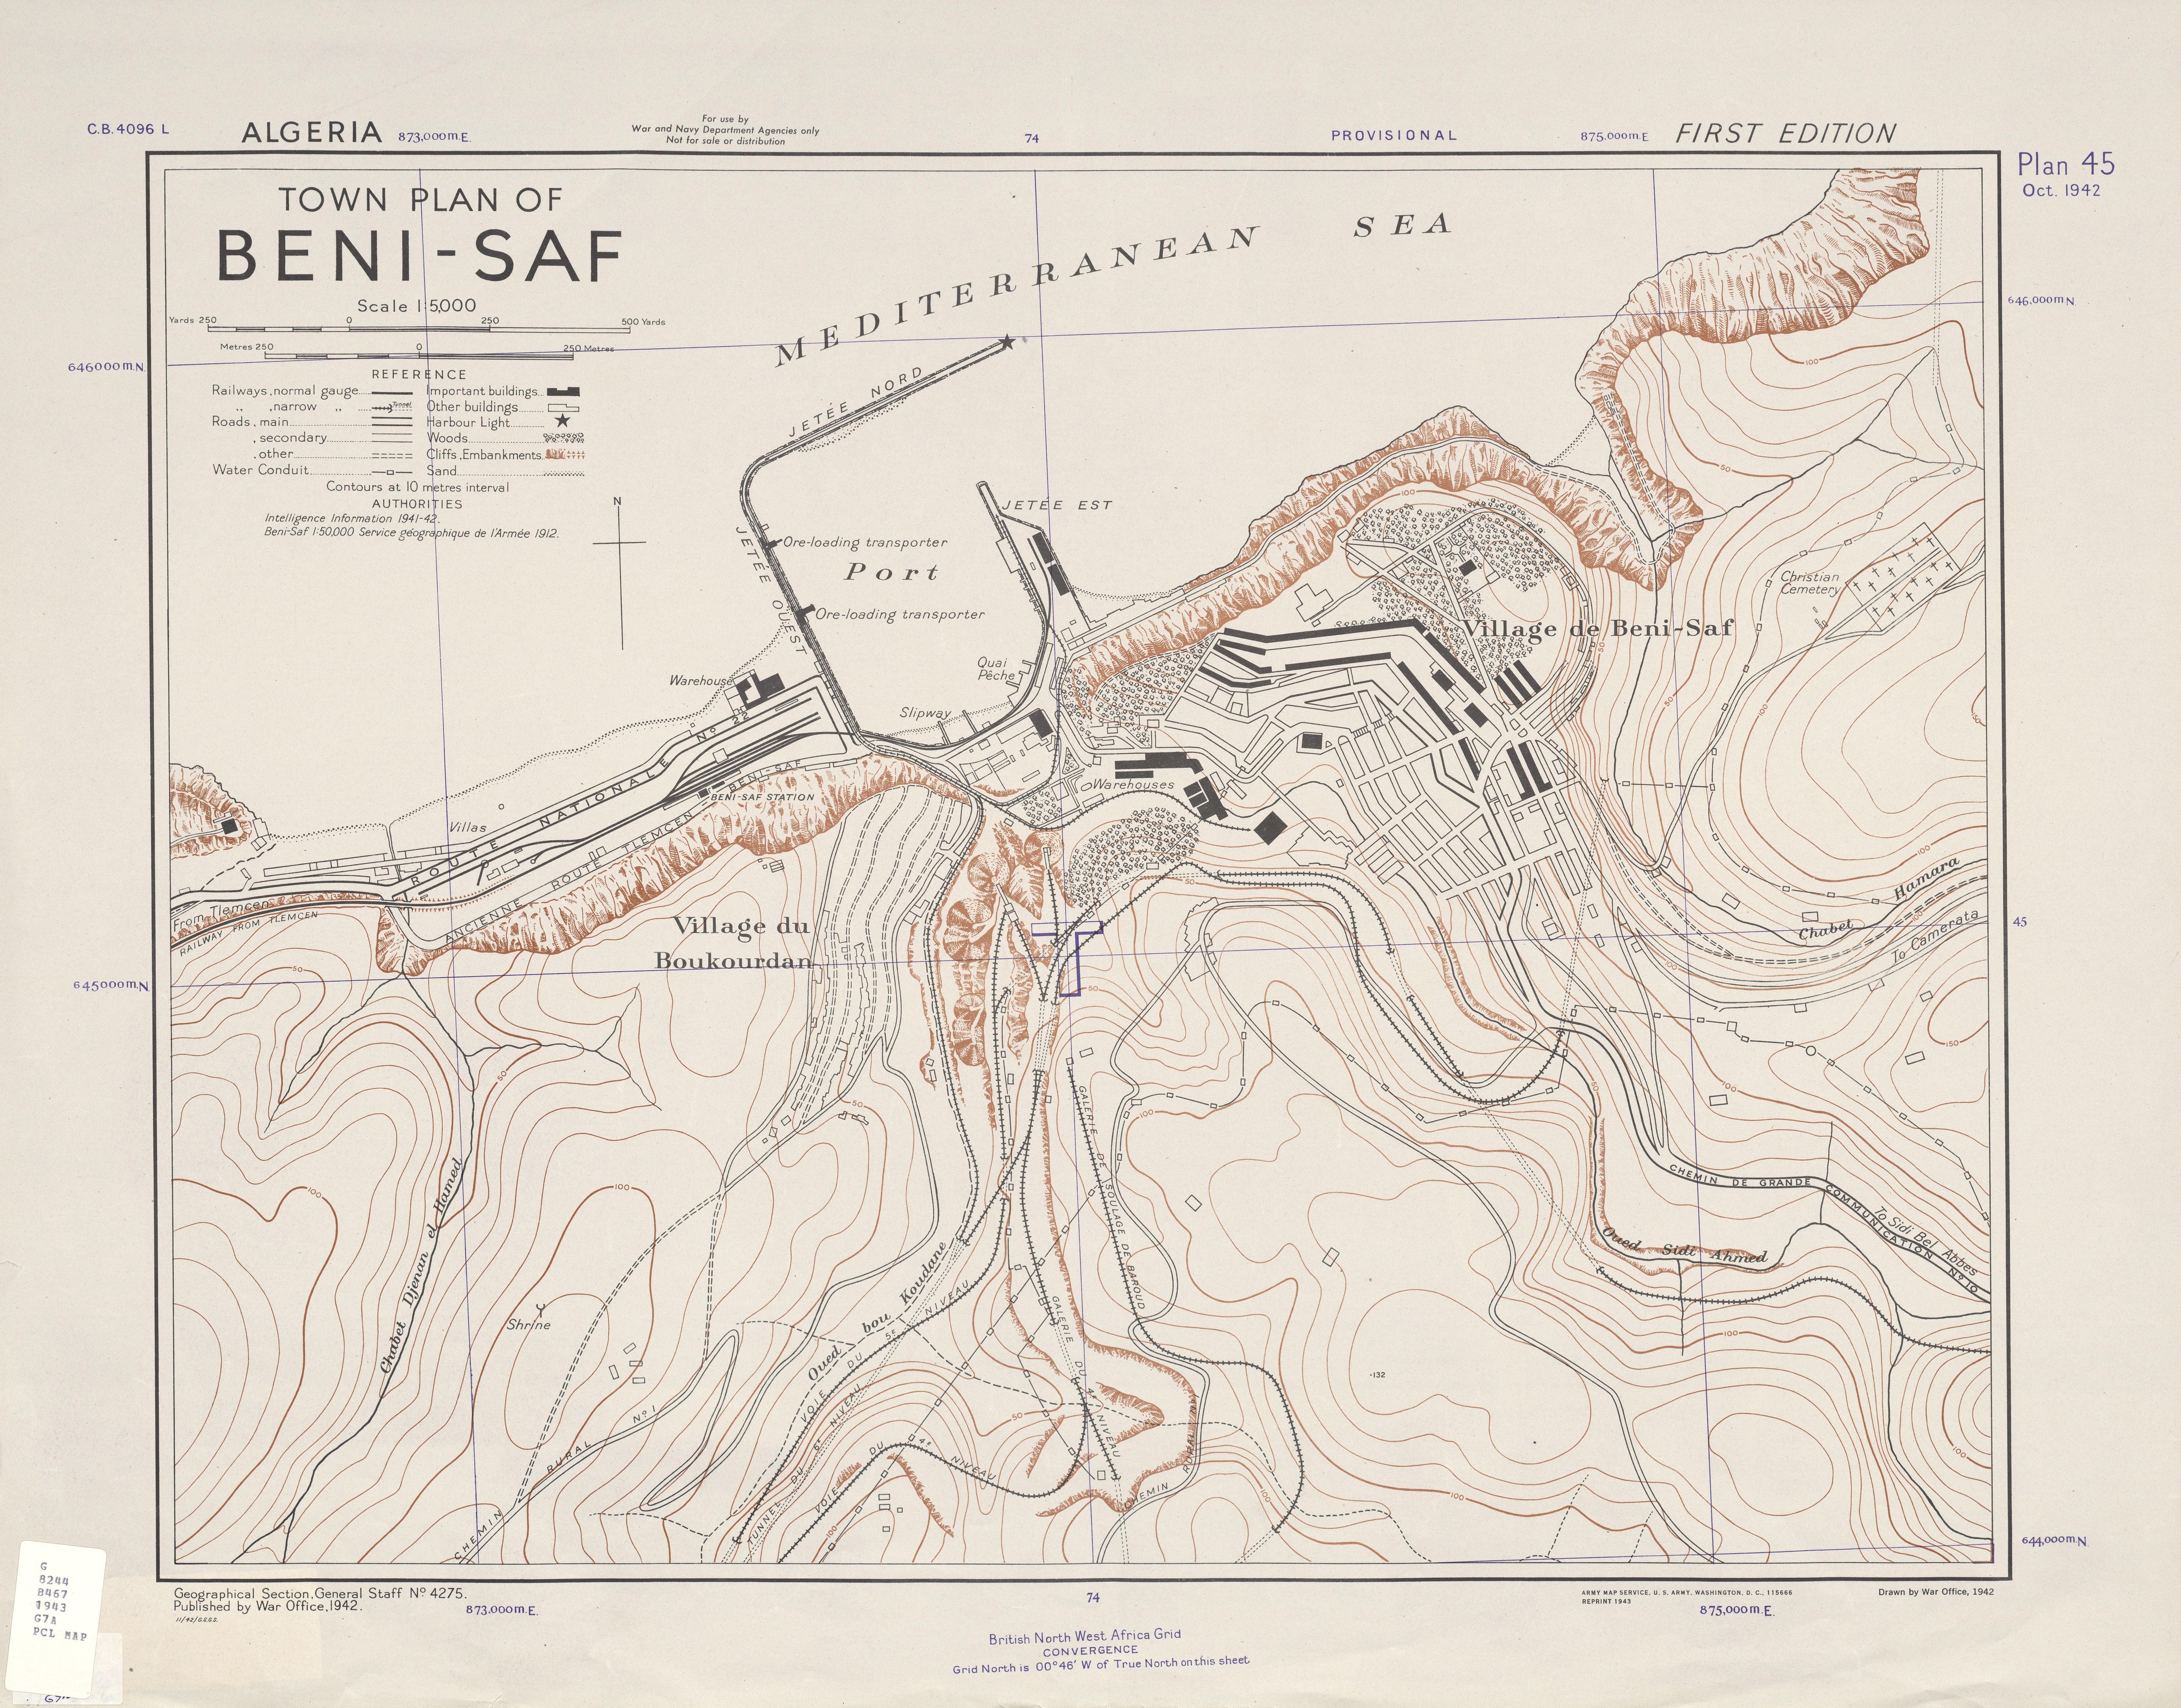 Mapa de la Ciudad de Béni Saf, Argelia 1943